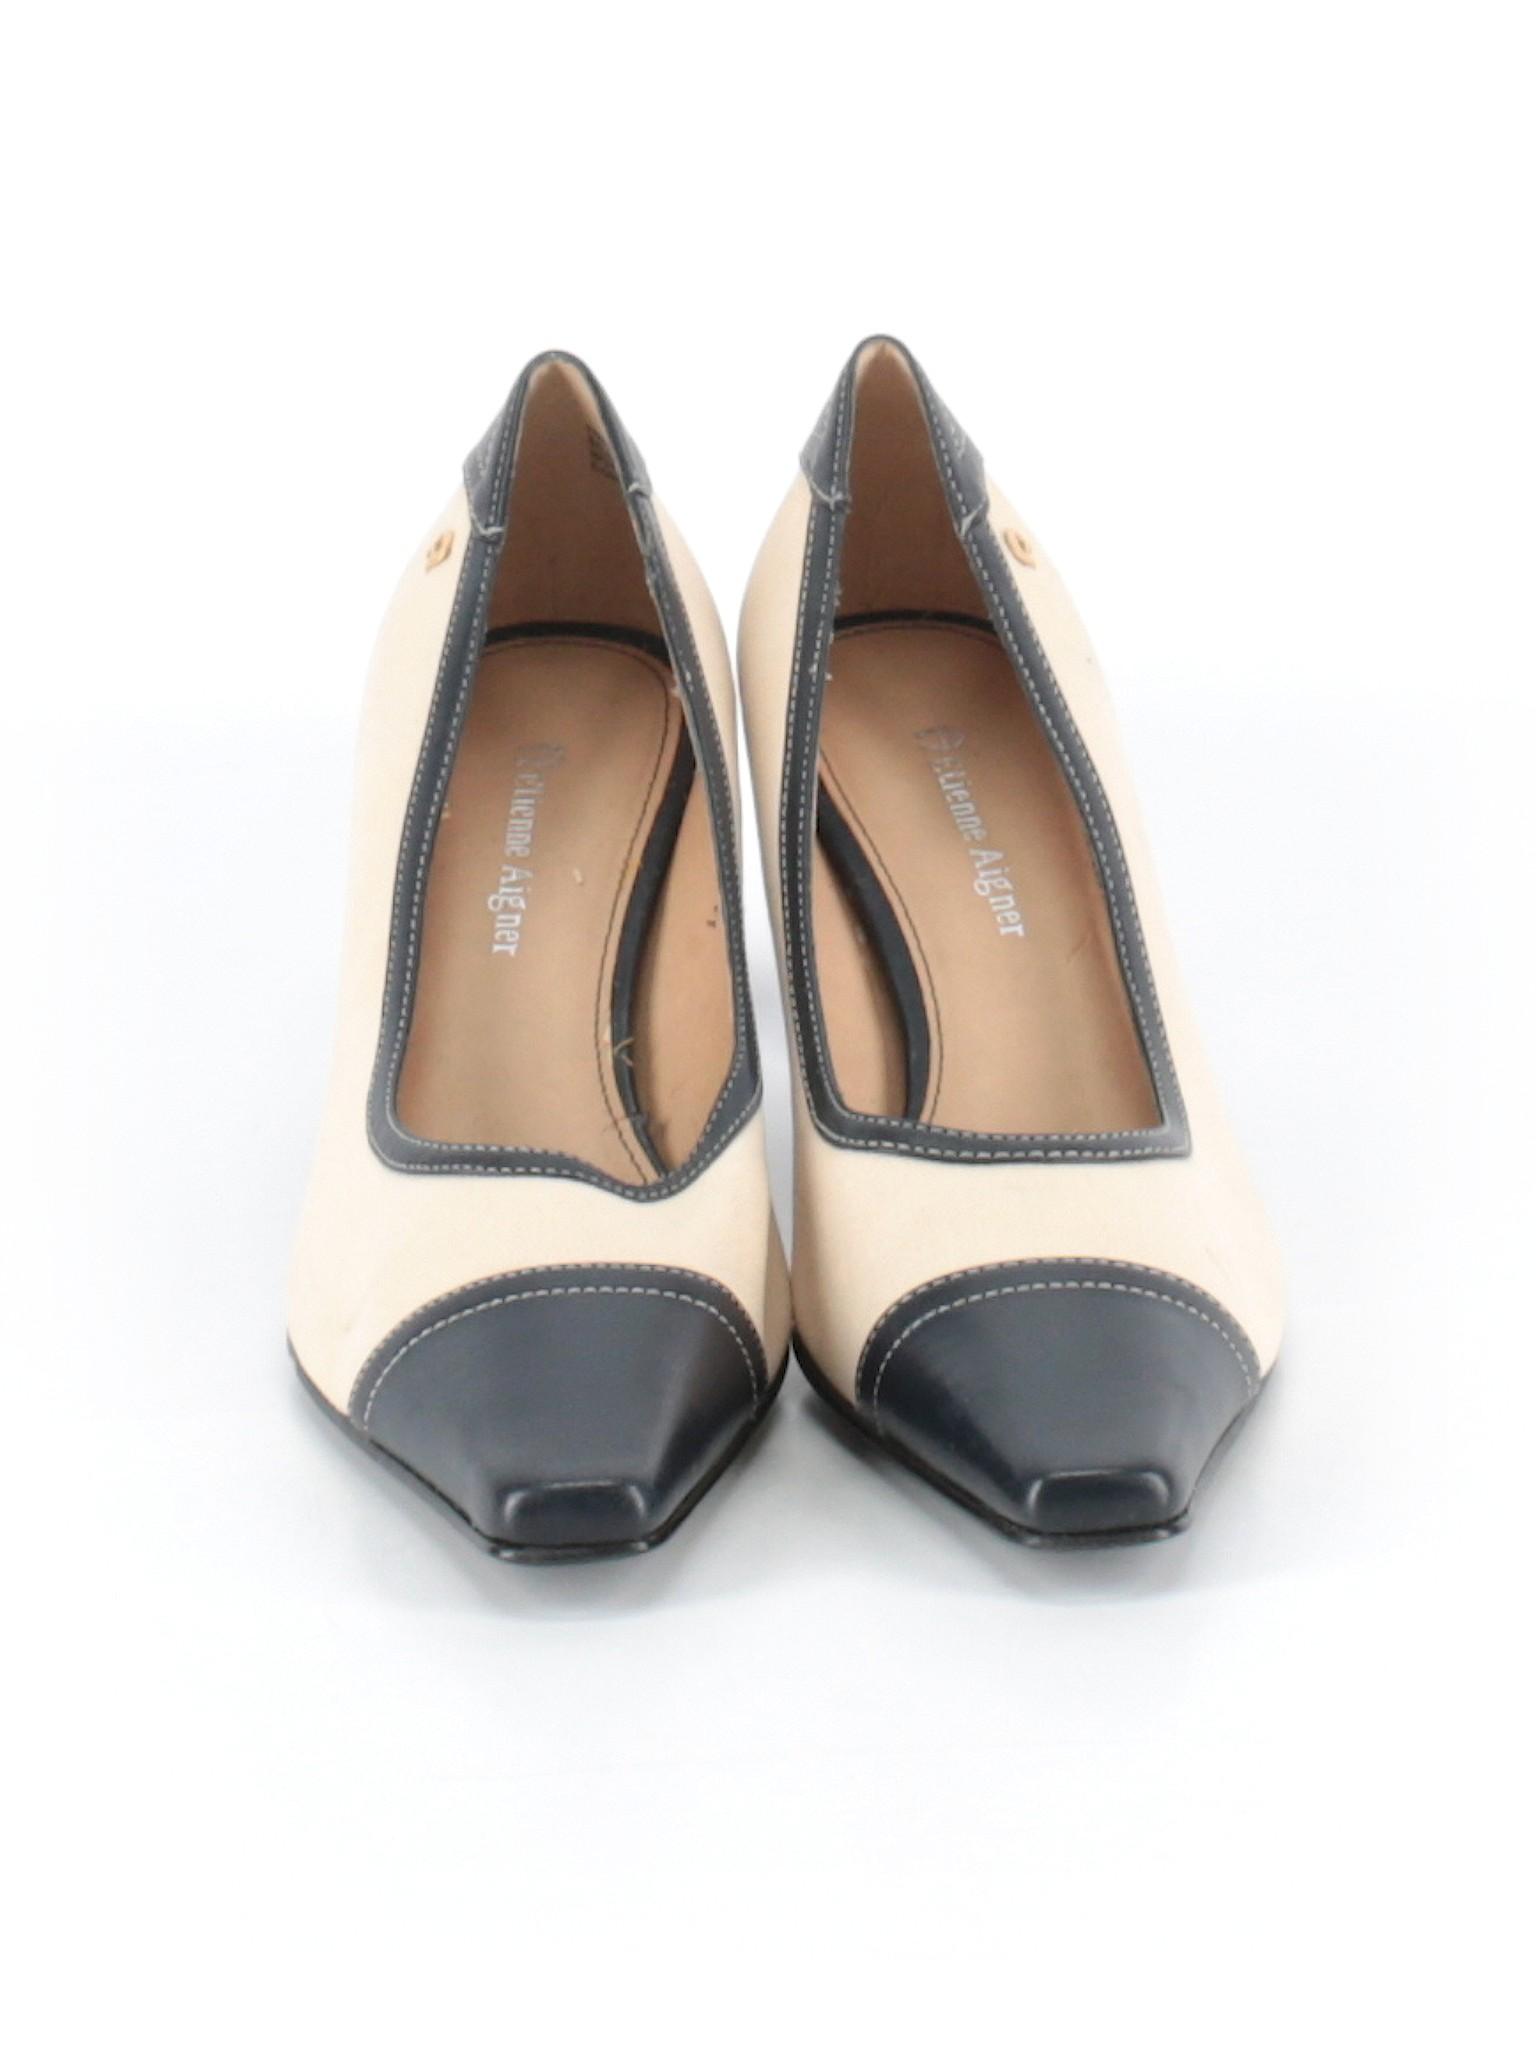 Boutique promotion promotion Aigner Heels Boutique Heels Heels Boutique Etienne Boutique Etienne Aigner Aigner promotion Etienne 8vnpqwpA